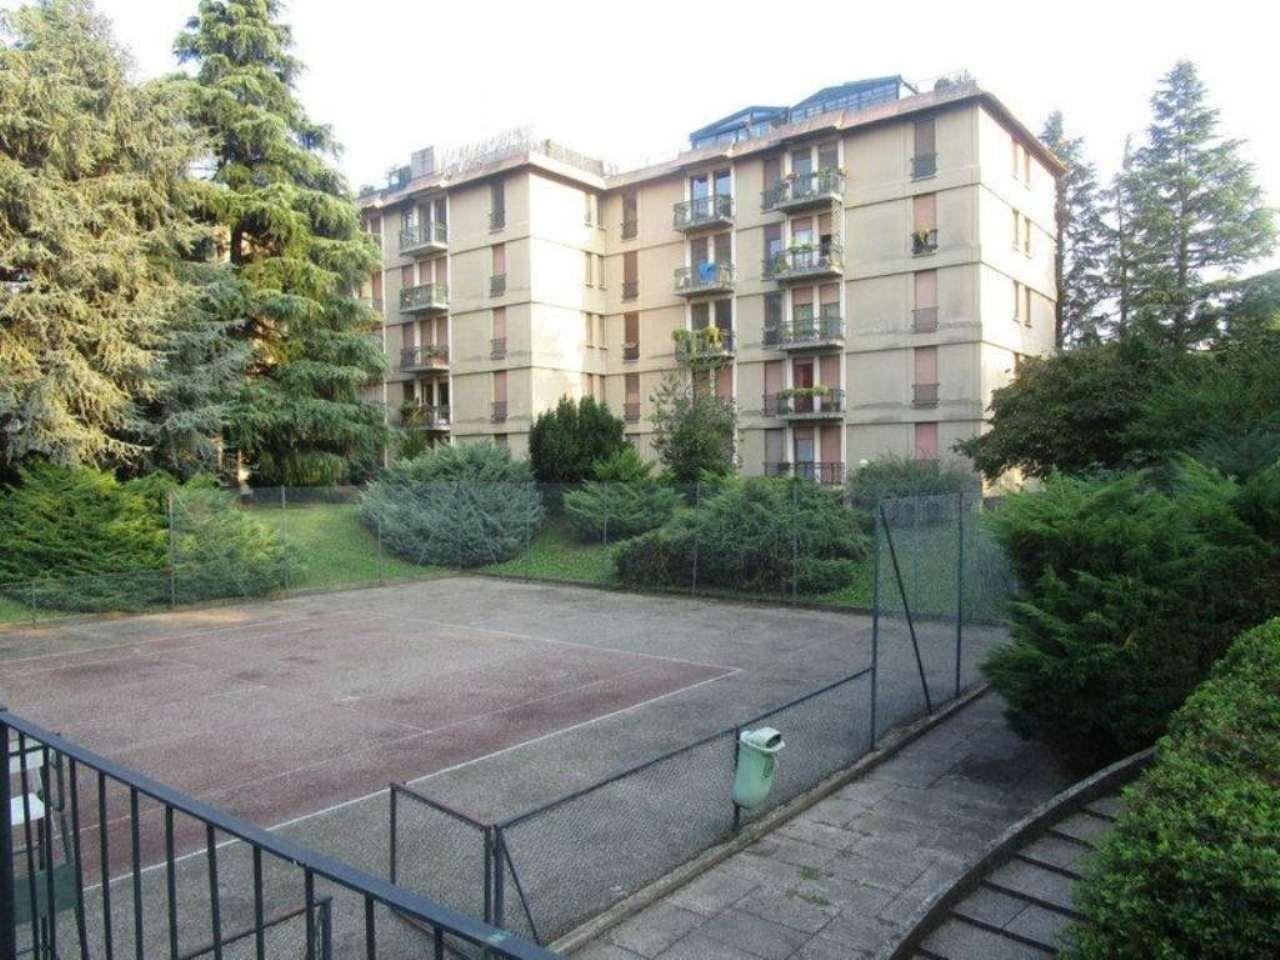 Appartamento in affitto a Agrate Brianza, 3 locali, prezzo € 950 | Cambio Casa.it